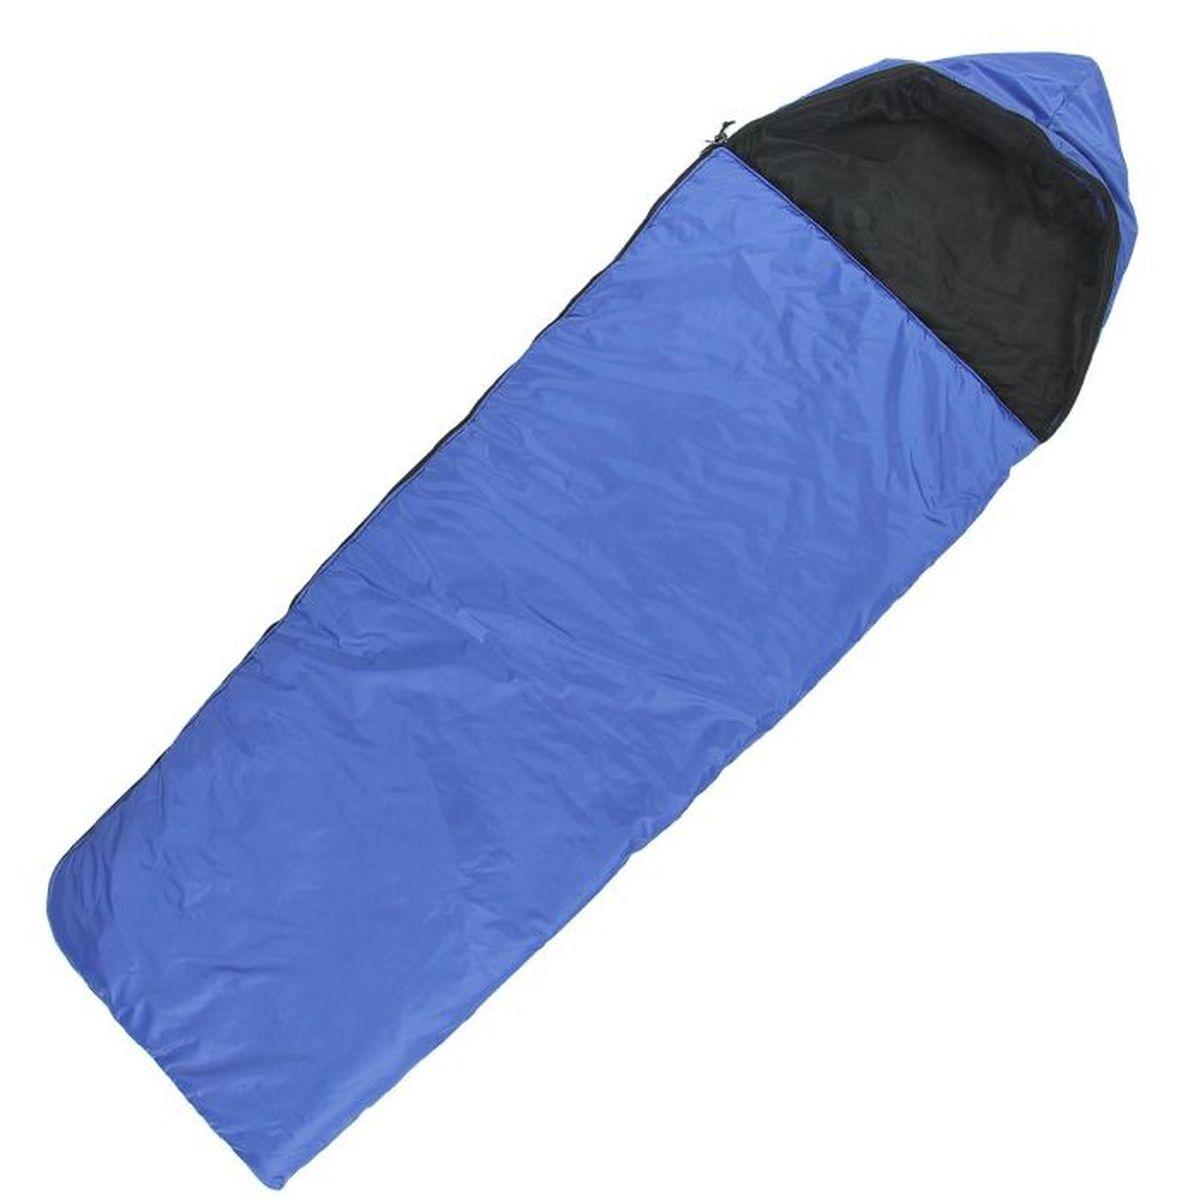 Спальный мешок Onlitop Люкс, цвет: синий, правосторонняя молния. 1135990010-01199-01Комфортный, просторный и очень теплый 3-х сезонный спальник предназначен для походов и для отдыха на природе не только в летнее время, но и в прохладные дни весенне-осеннего периода. В теплое время спальный мешок можно использовать как одеяло (в том числе и дома).